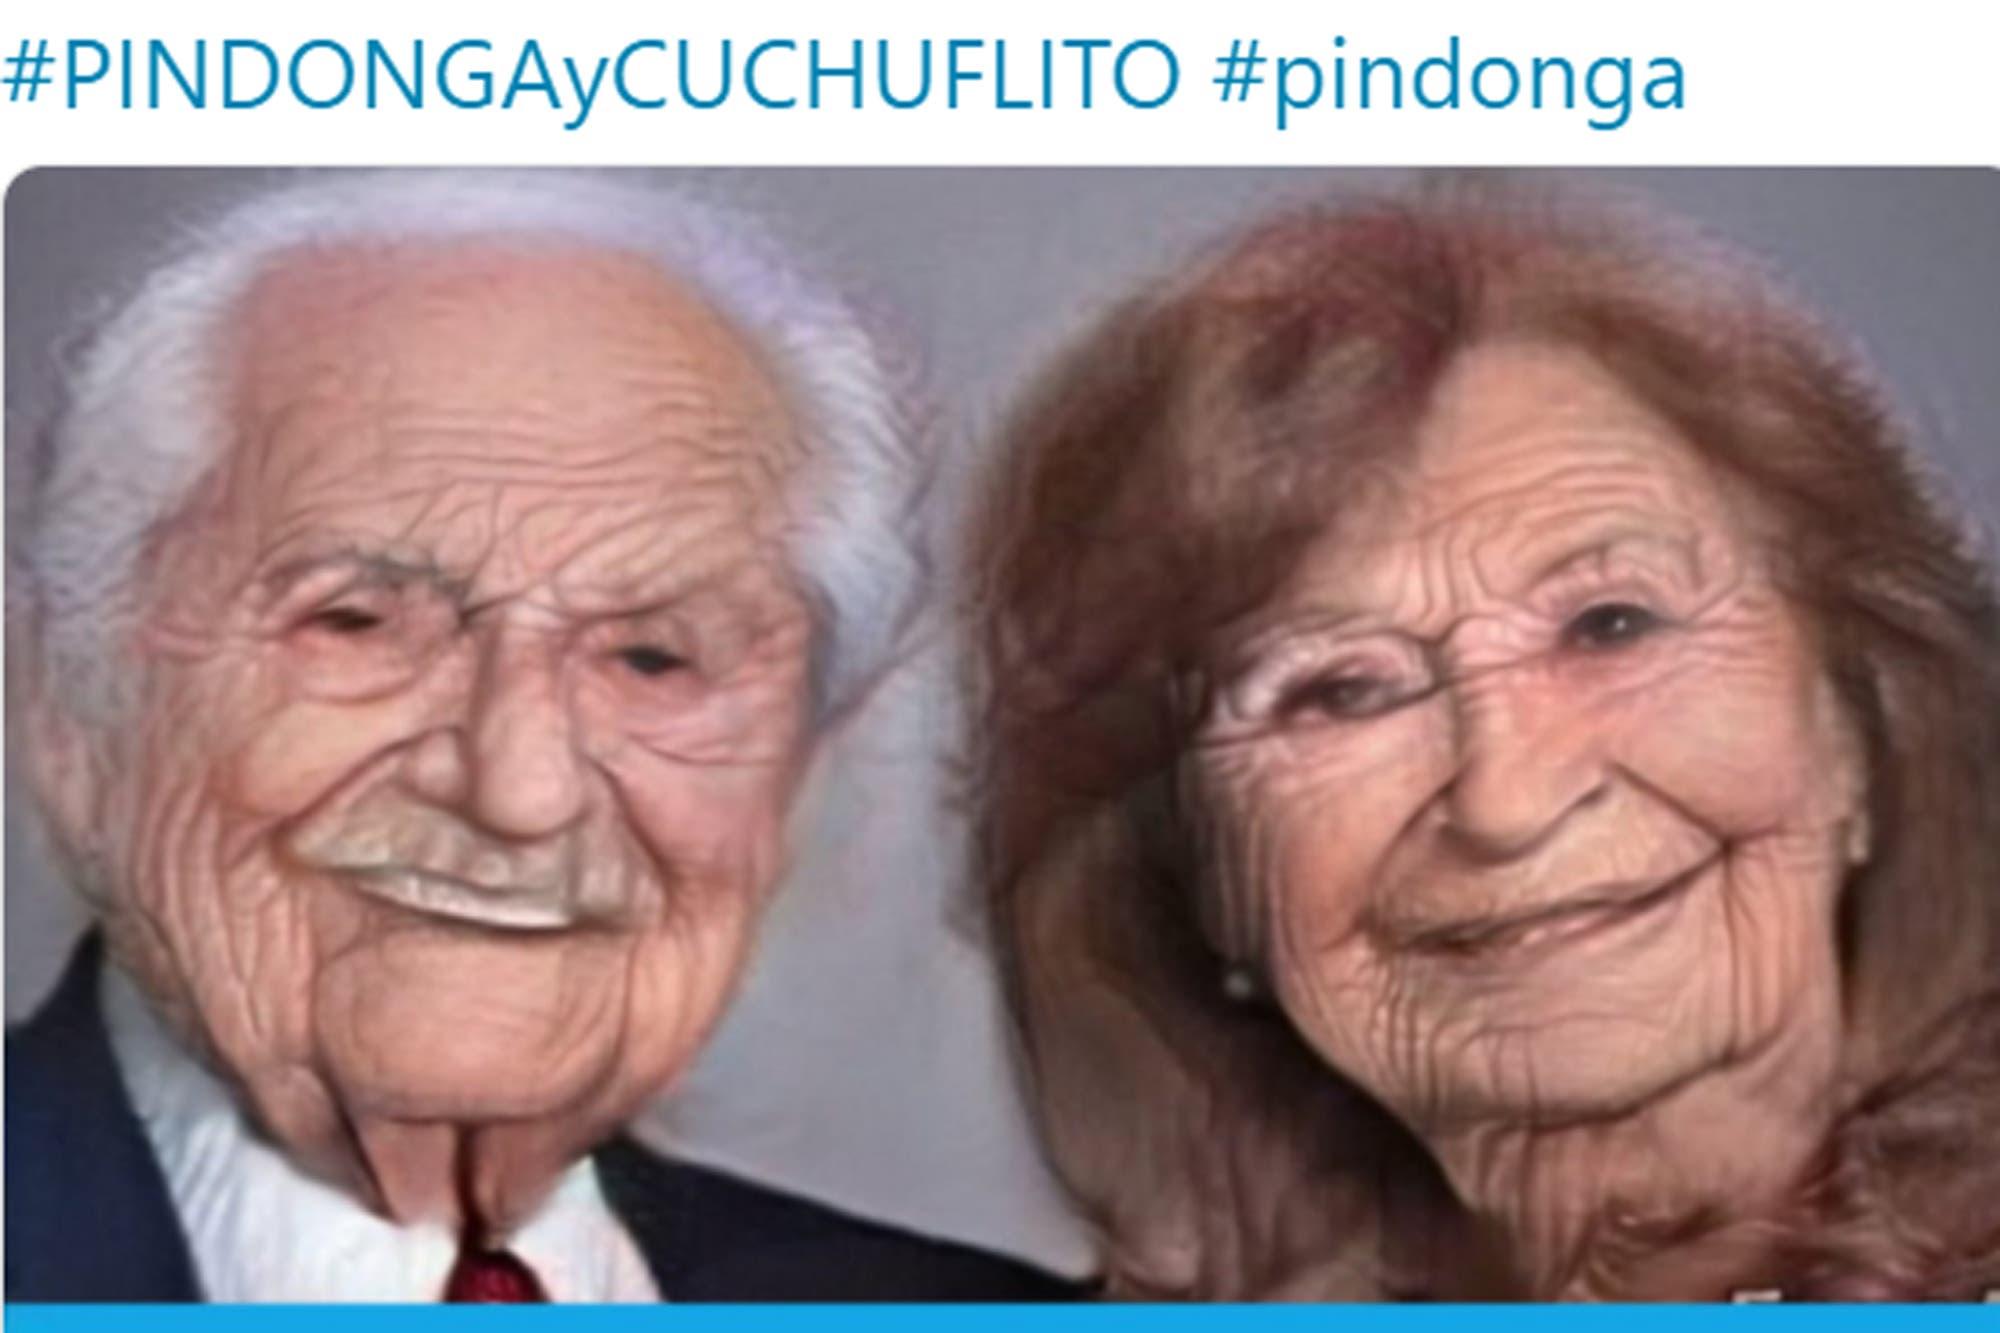 """Los usuarios respondieron con memes de """"Pindonga"""" y """"Cuchuflito"""" a los dichos de Cristina Kirchner"""